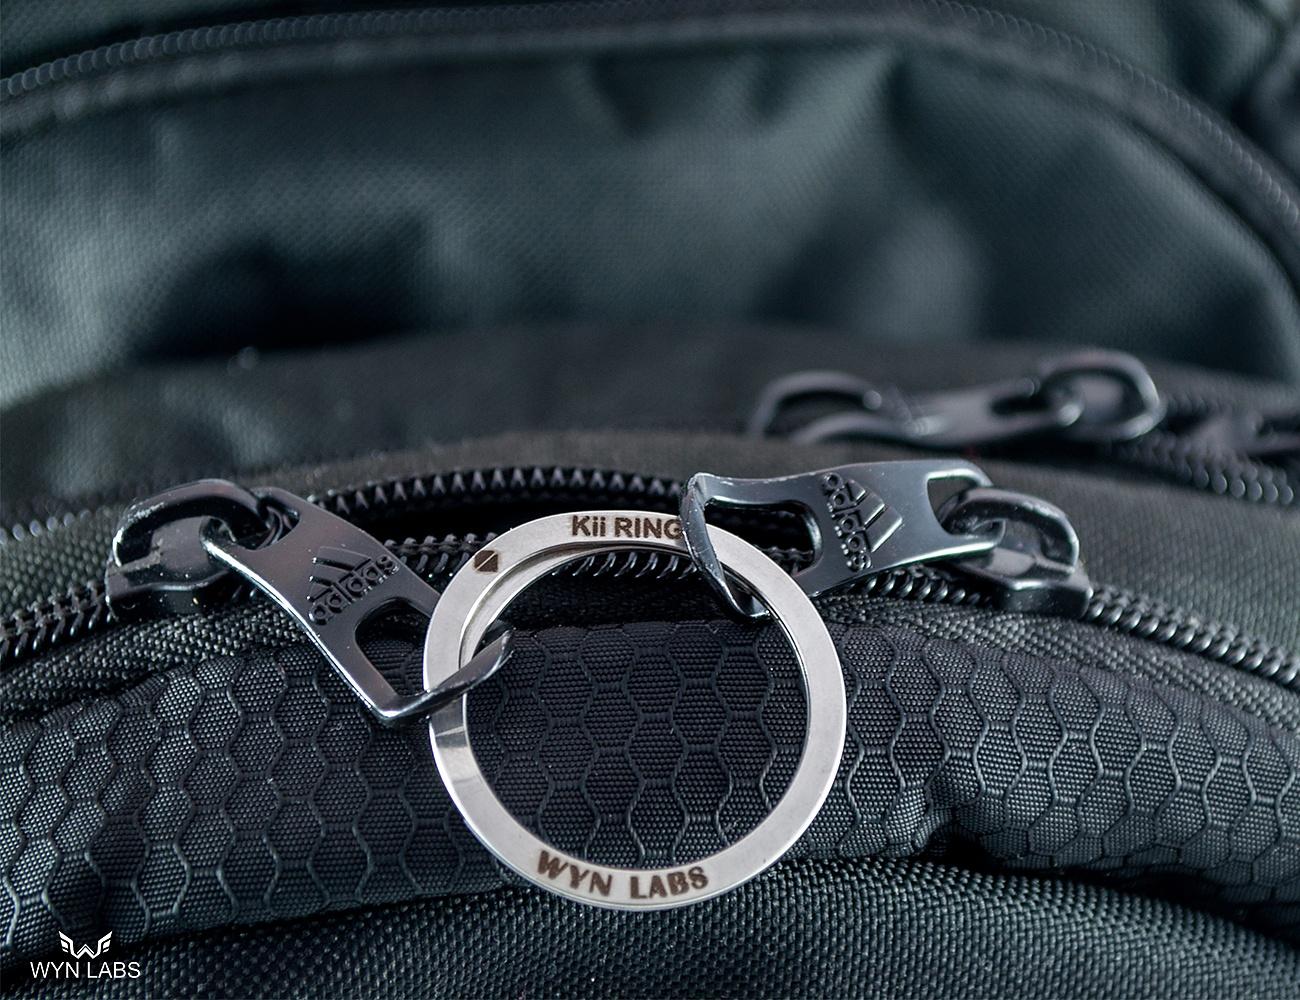 Kii RING – An Effortless Key Ring